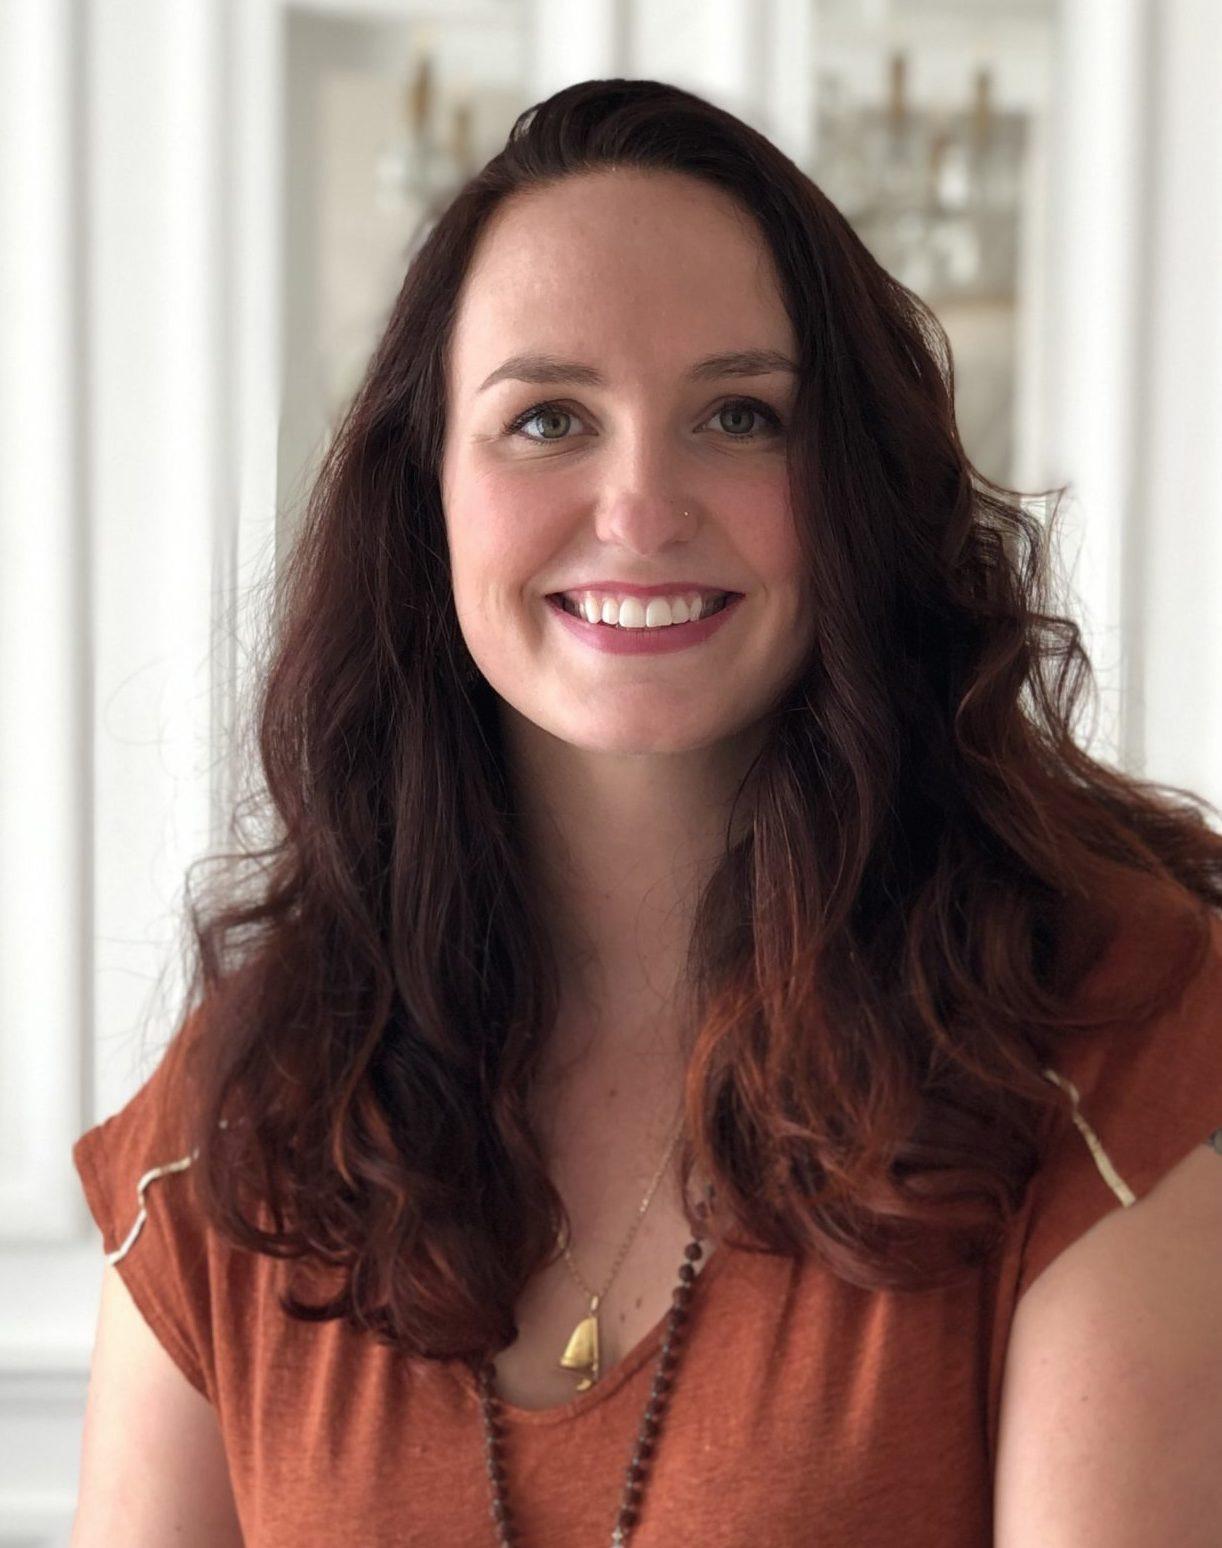 Orianne Kessler